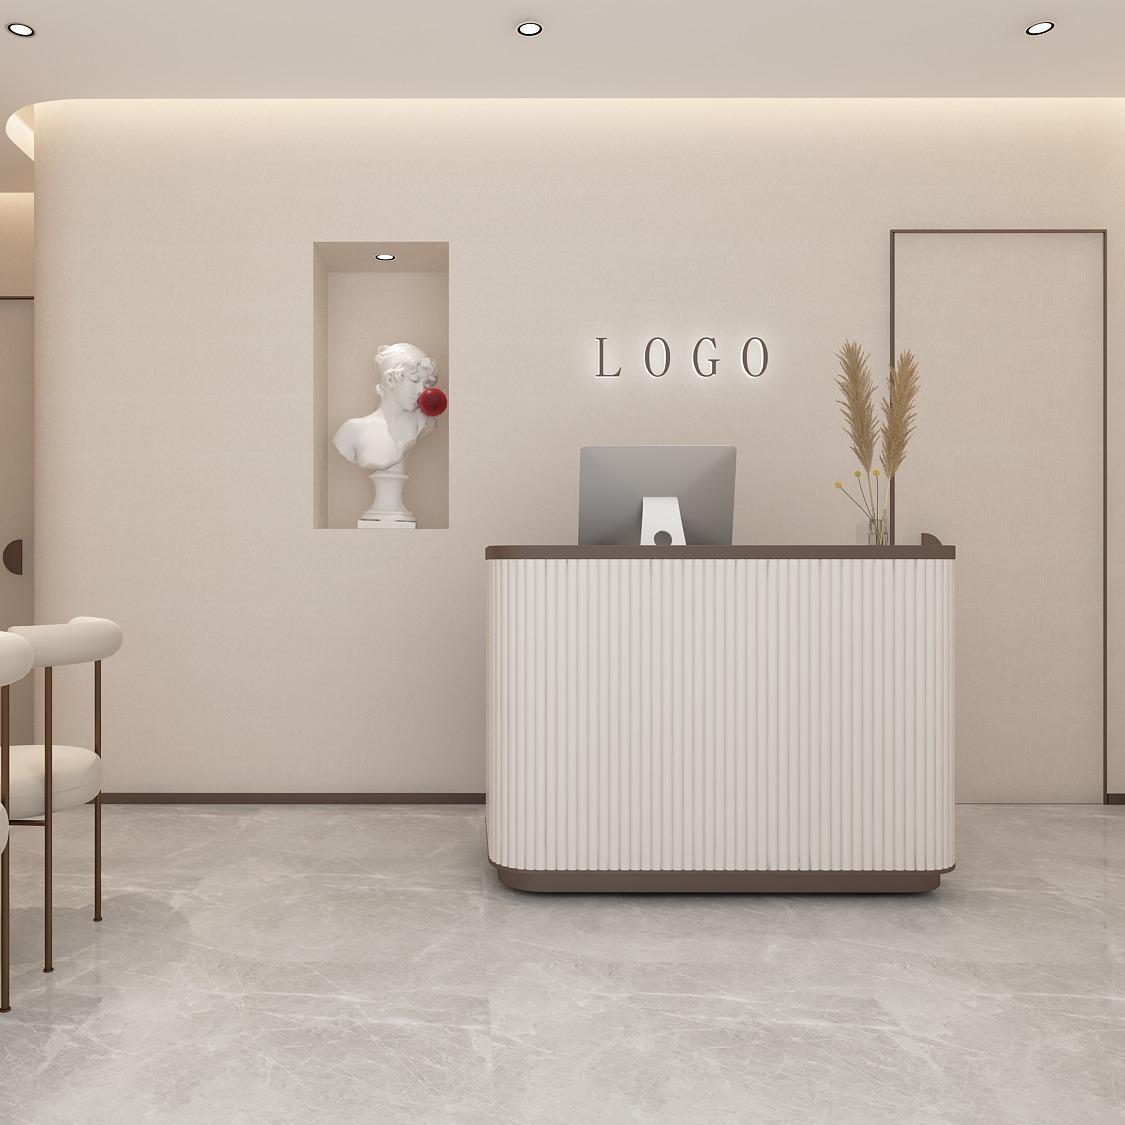 美容院养生馆设计形象店整形美容室内装修设计空间美甲美妆化妆品